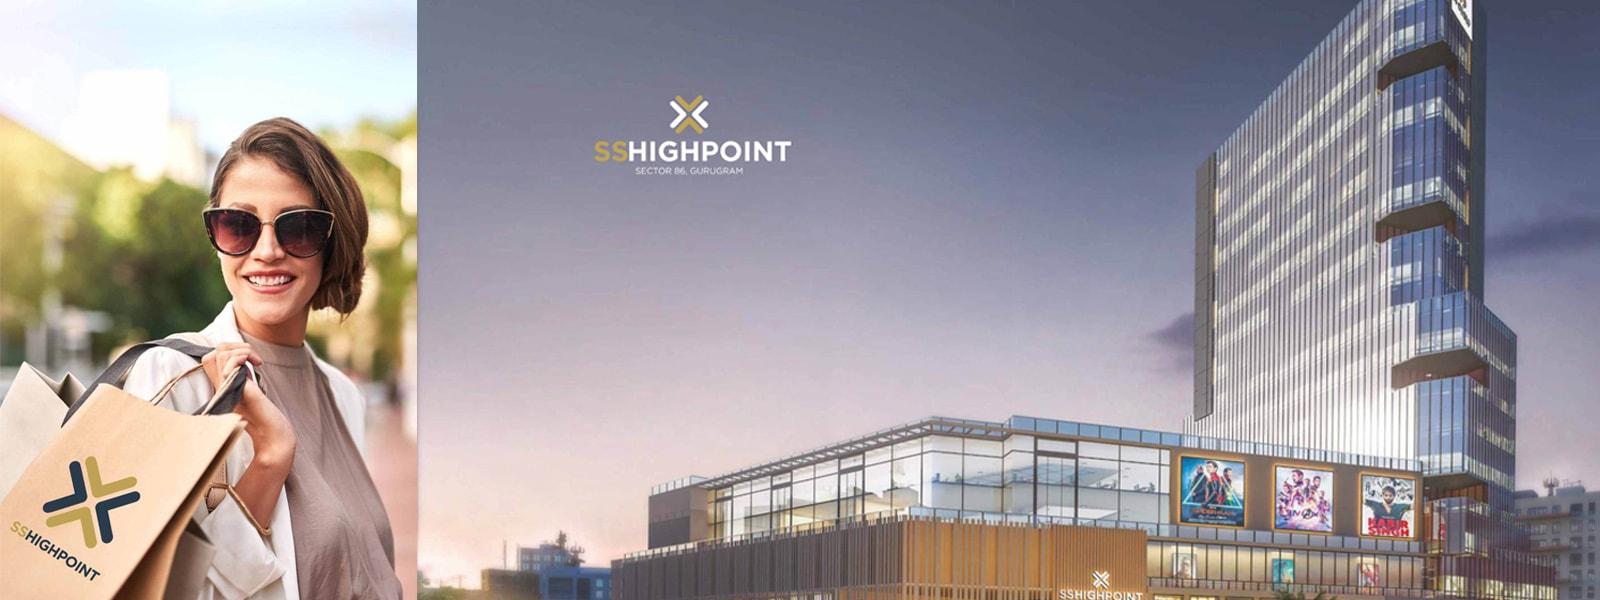 SS Highpoint